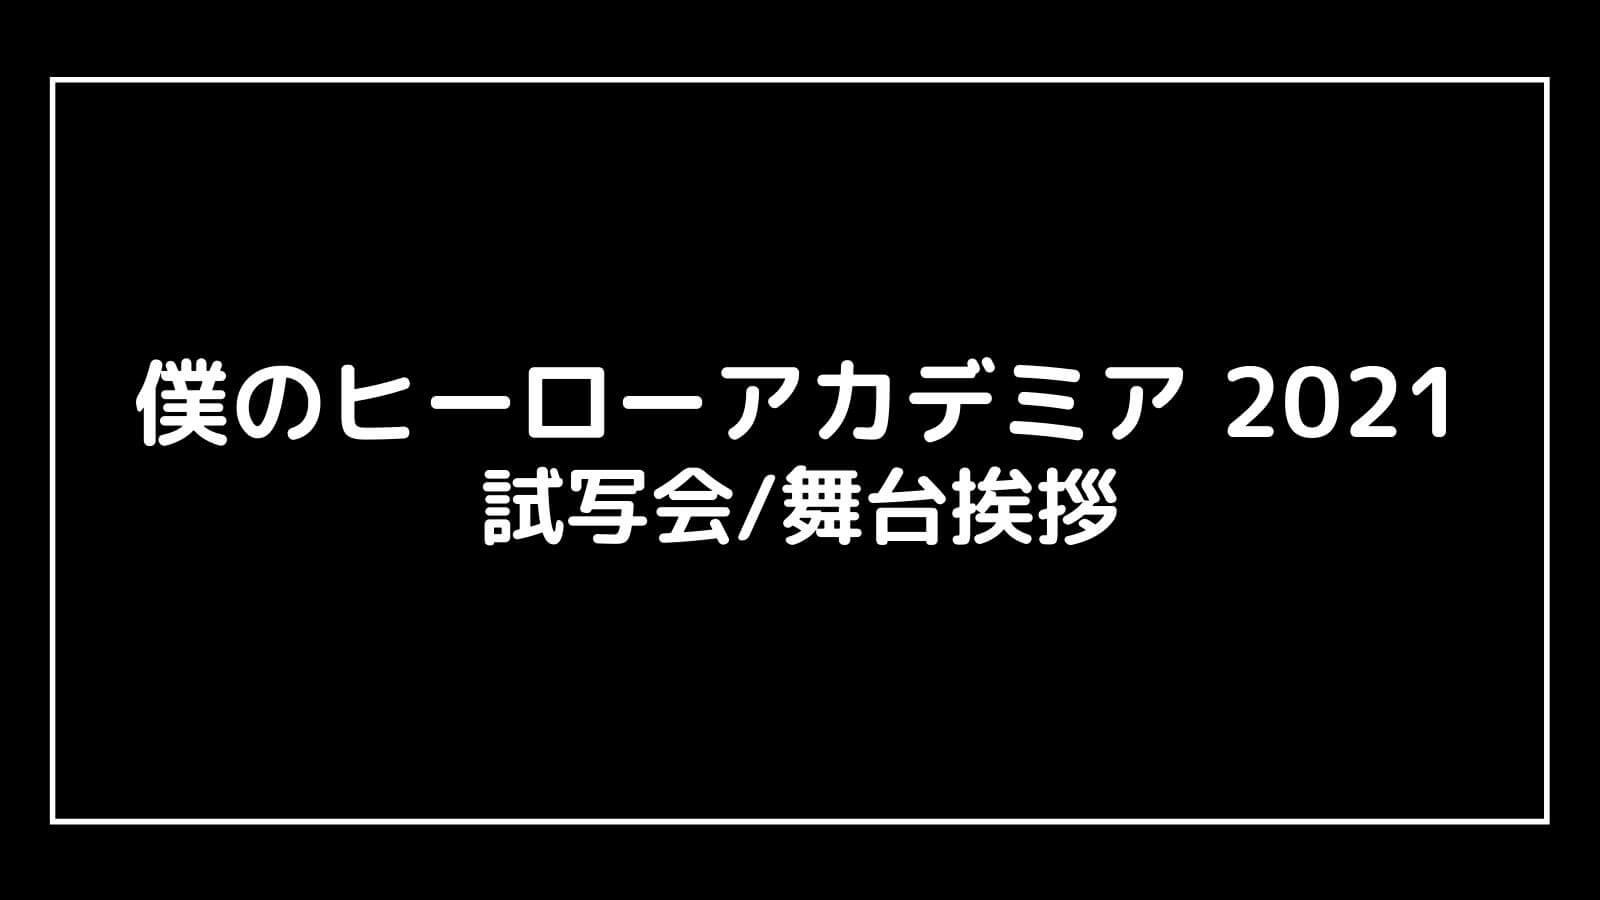 映画『僕のヒーローアカデミア3』の試写会と舞台挨拶ライブビューイング情報【ワールドヒーローズミッション】